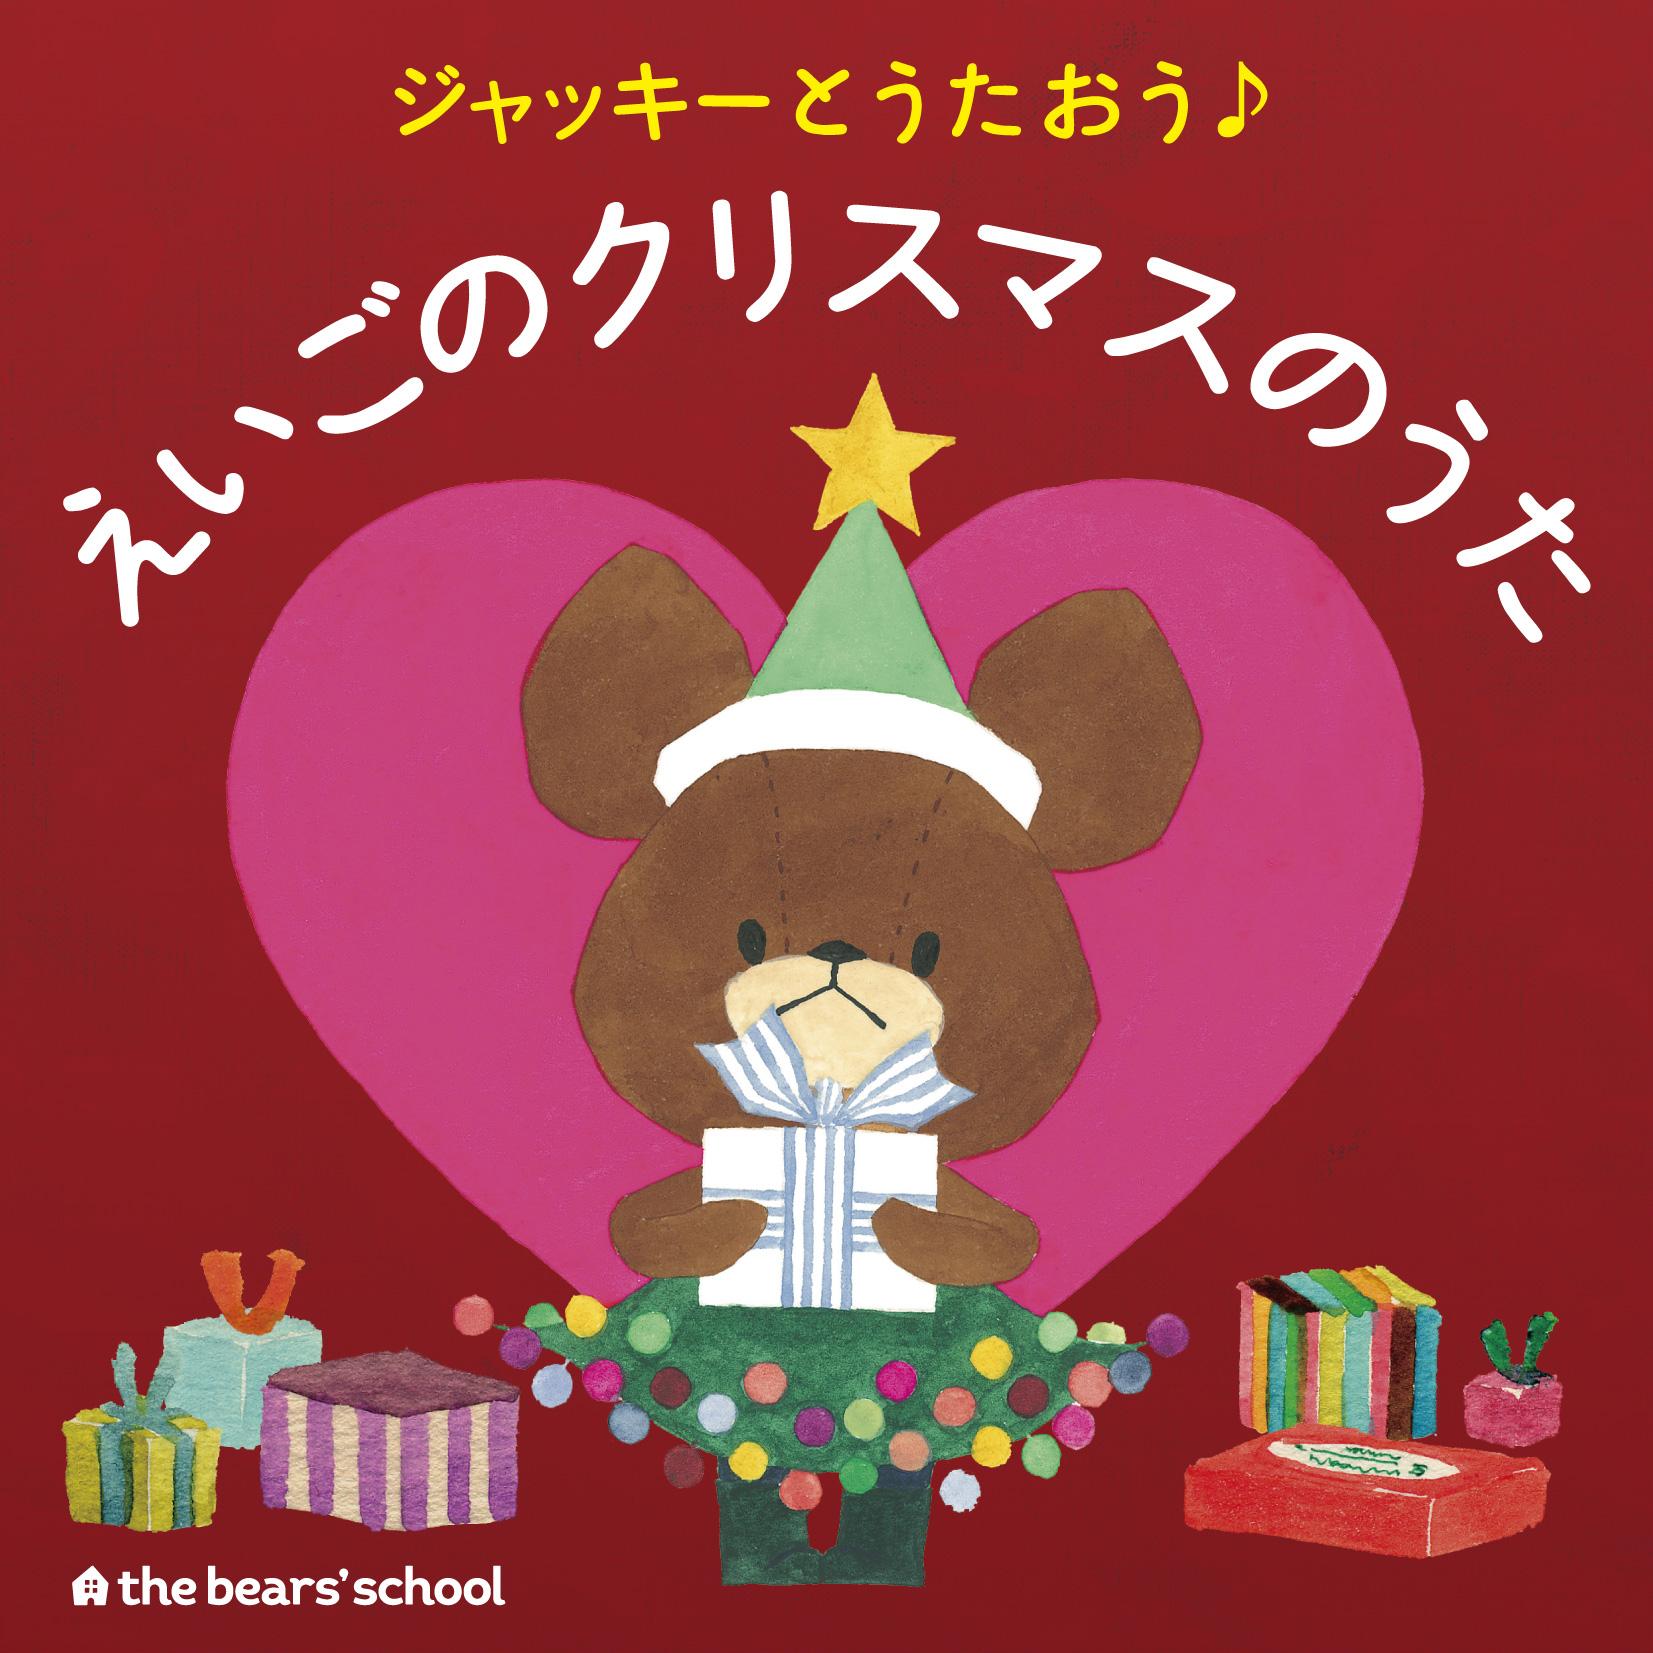 ジャッキーとうたおう♪ えいごのクリスマスのうた